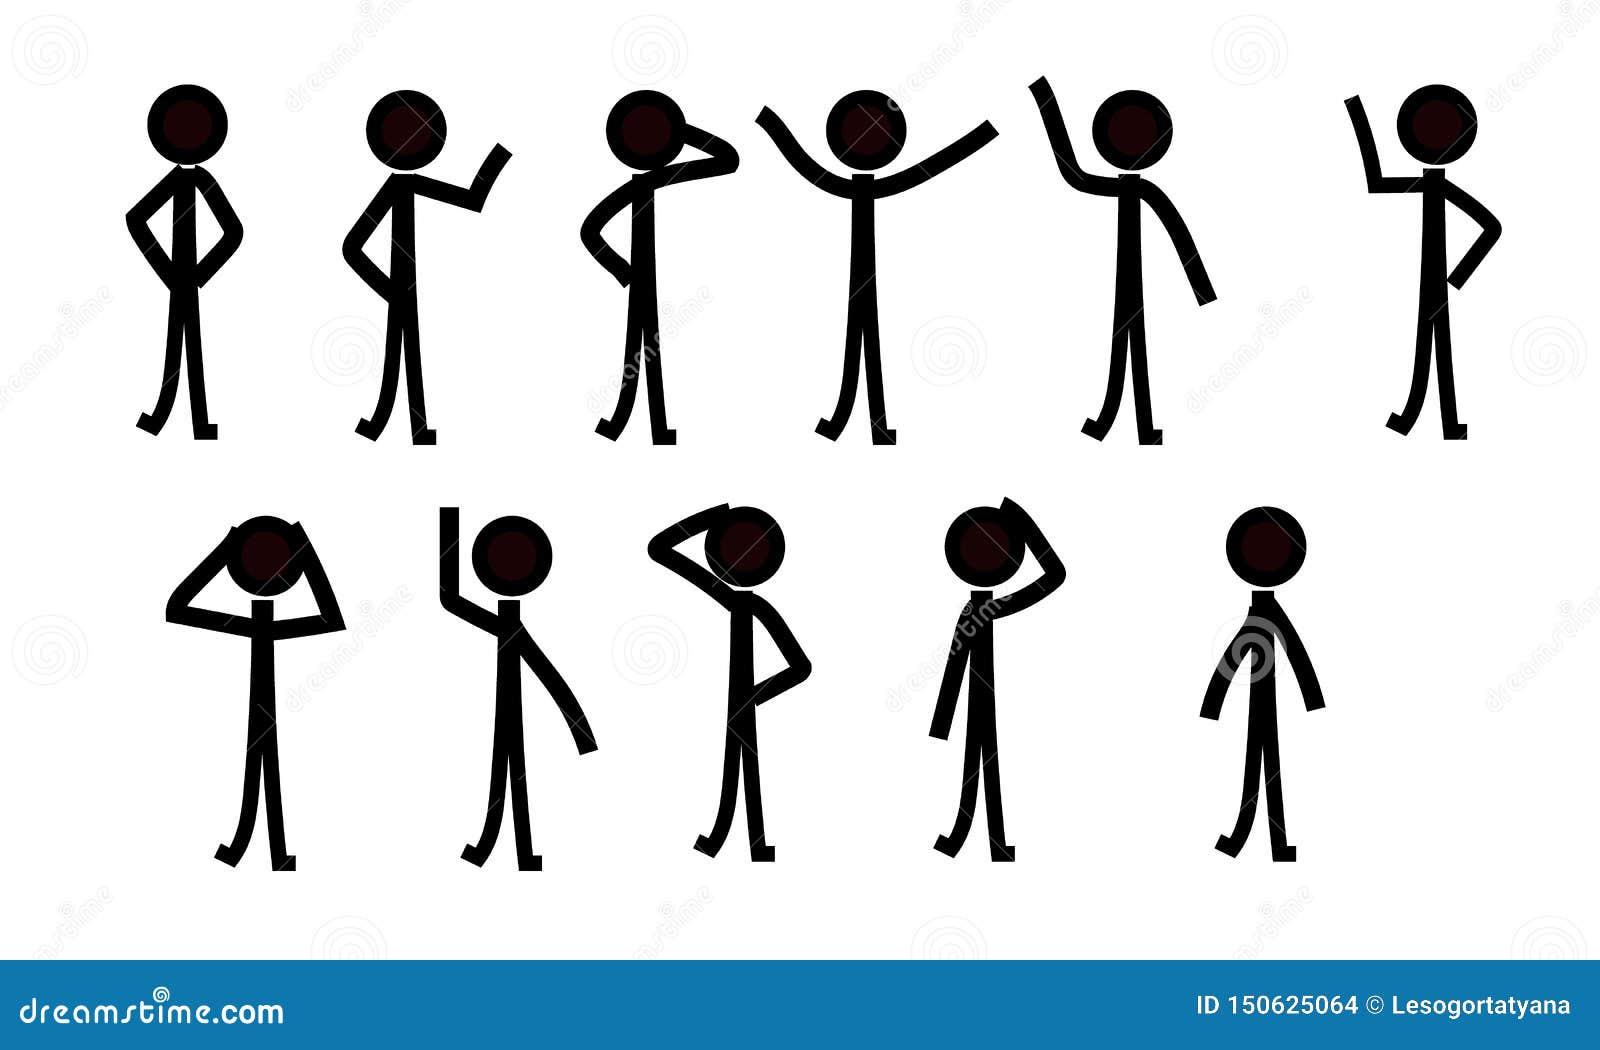 Kij postaci piktografu ludzie, różne pozy